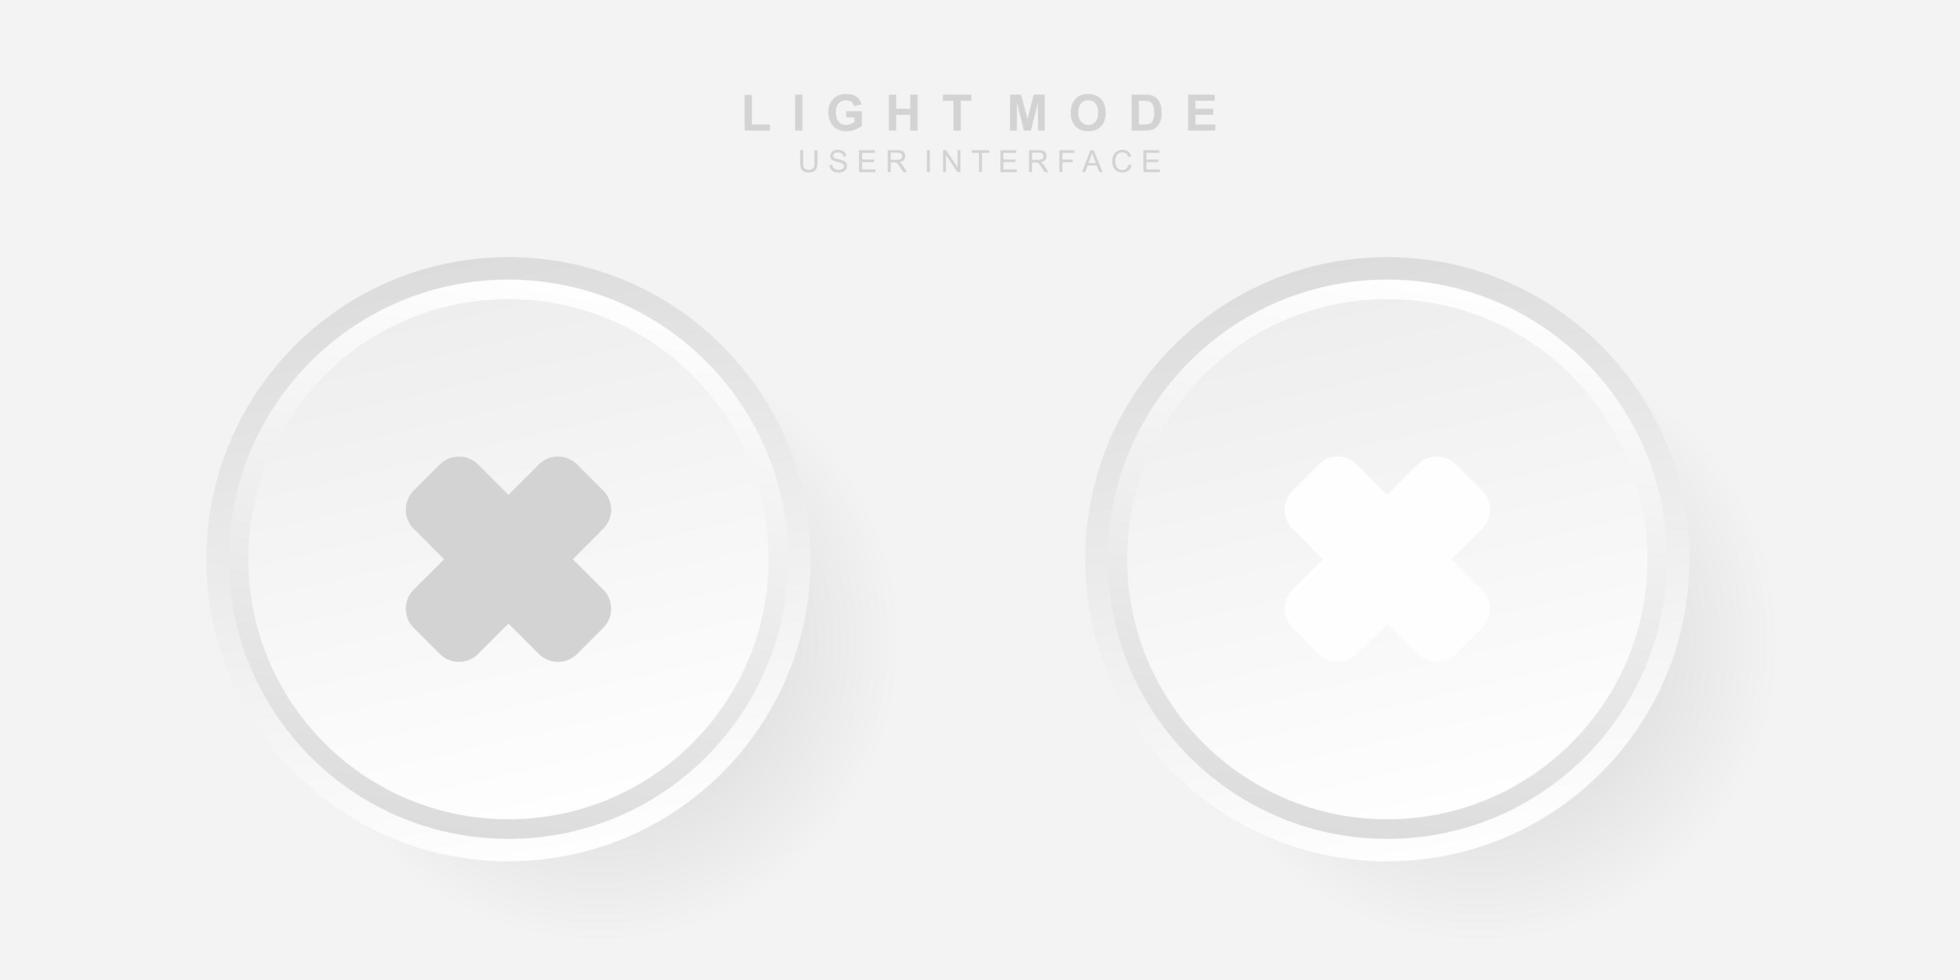 Interfaz de usuario cruzada creativa simple en el diseño de neumorfismo. sencillo moderno y minimalista. vector